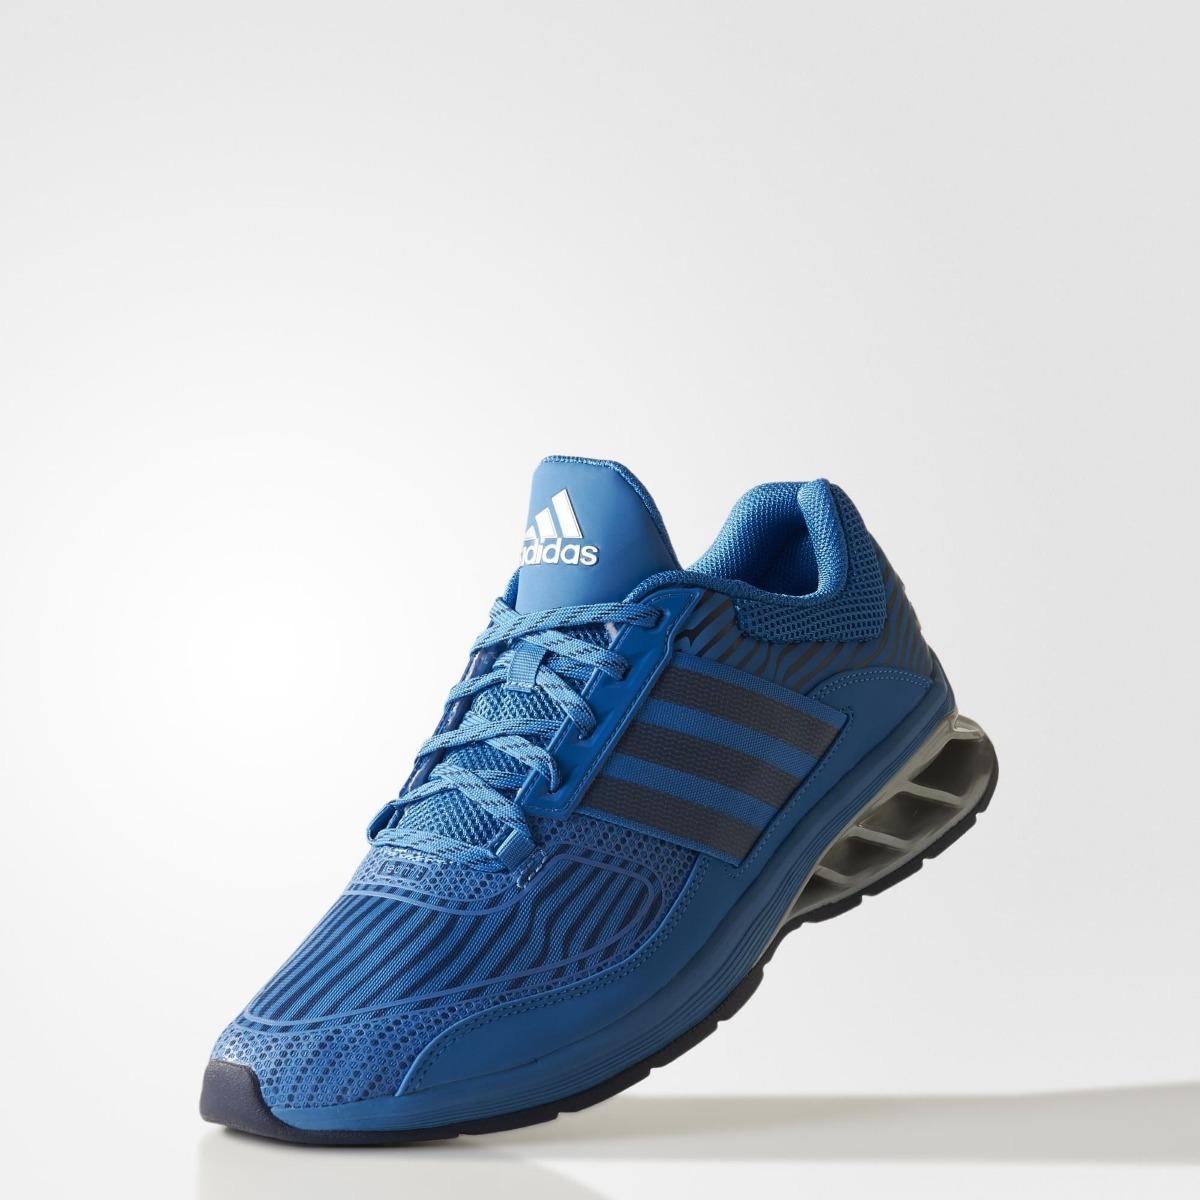 c0d2d36c92a tênis adidas azul runway s77780 masculino. Carregando zoom.